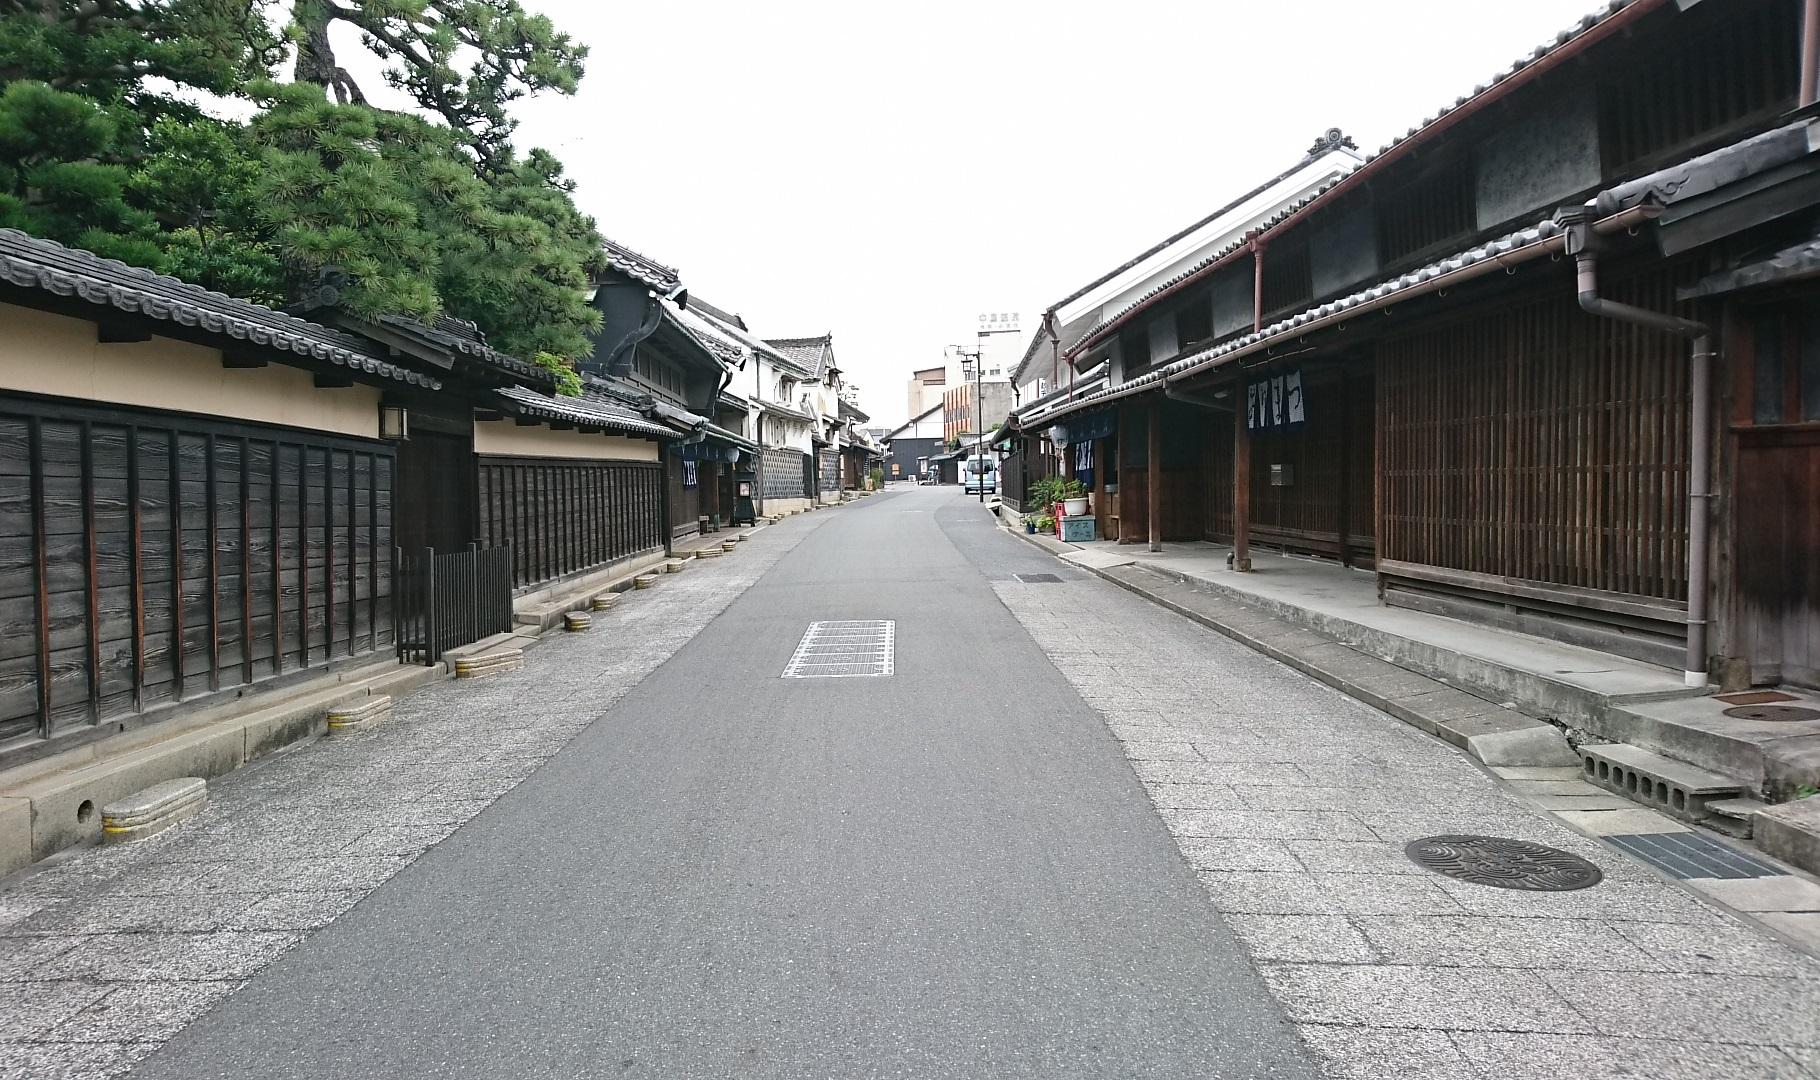 2017.7.24 有松 (6) まちなみ 1820-1080